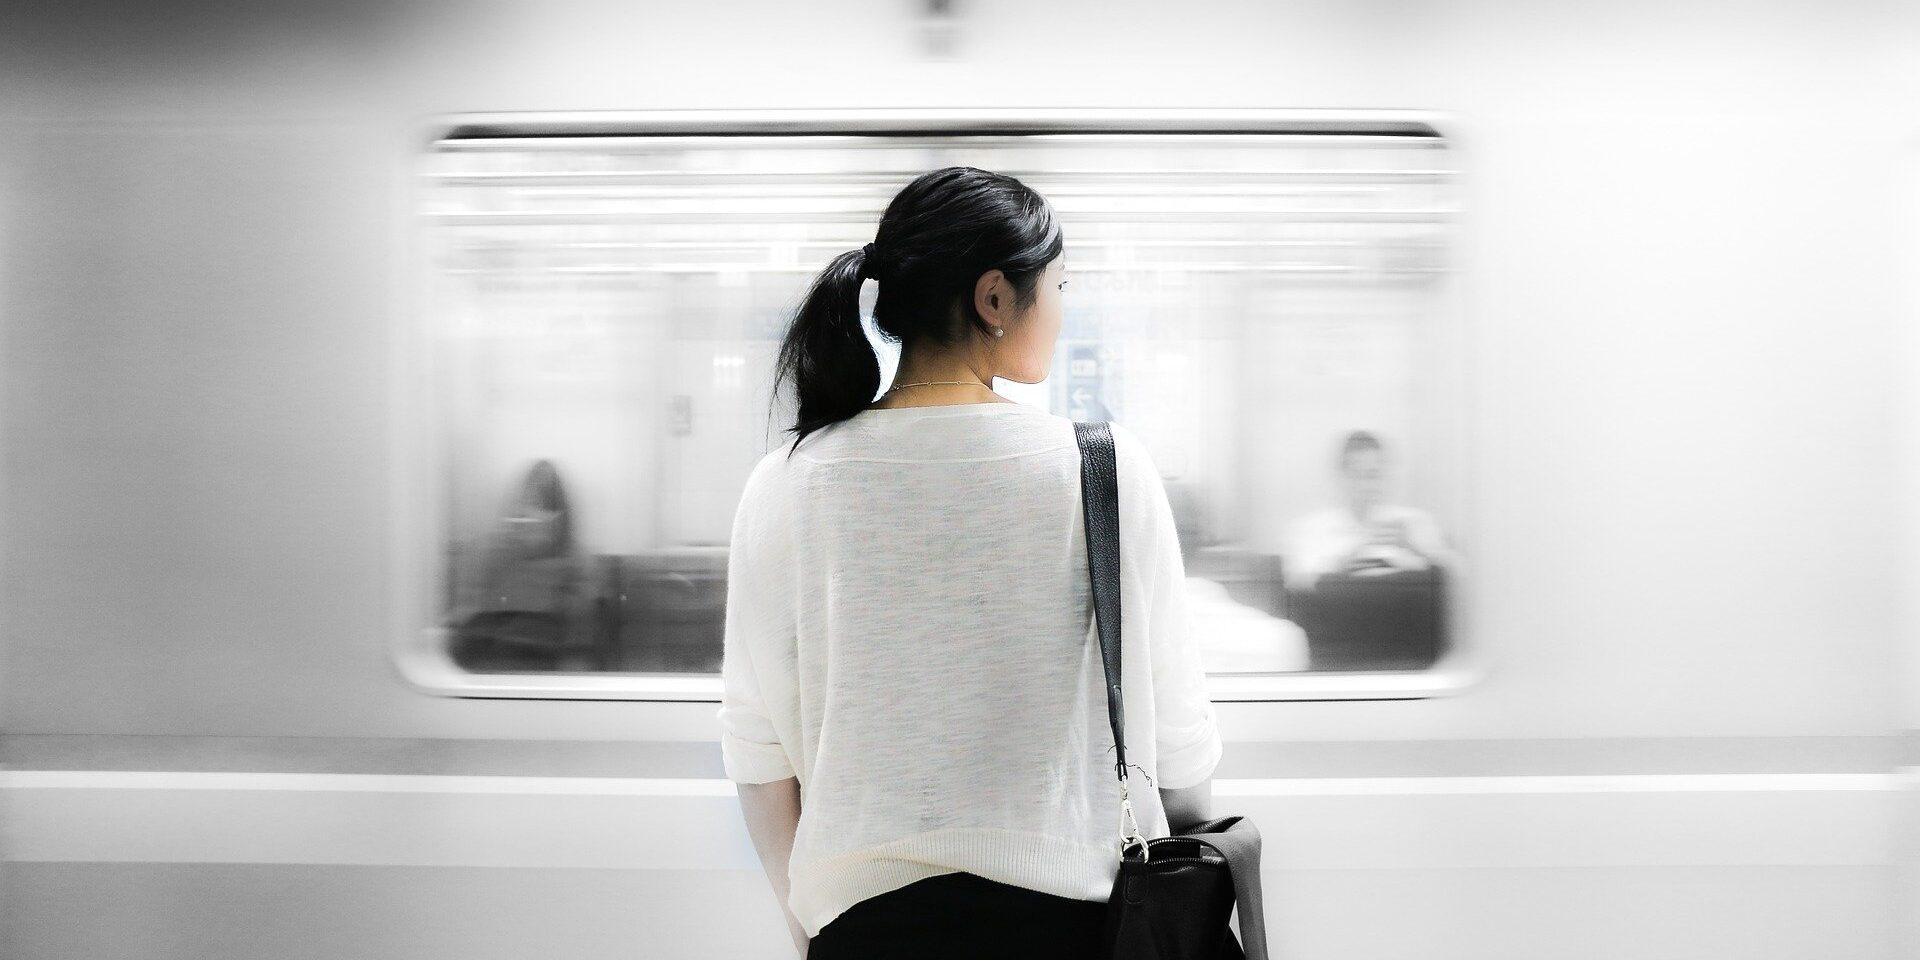 تذكرة قطار | قصة قصيرة